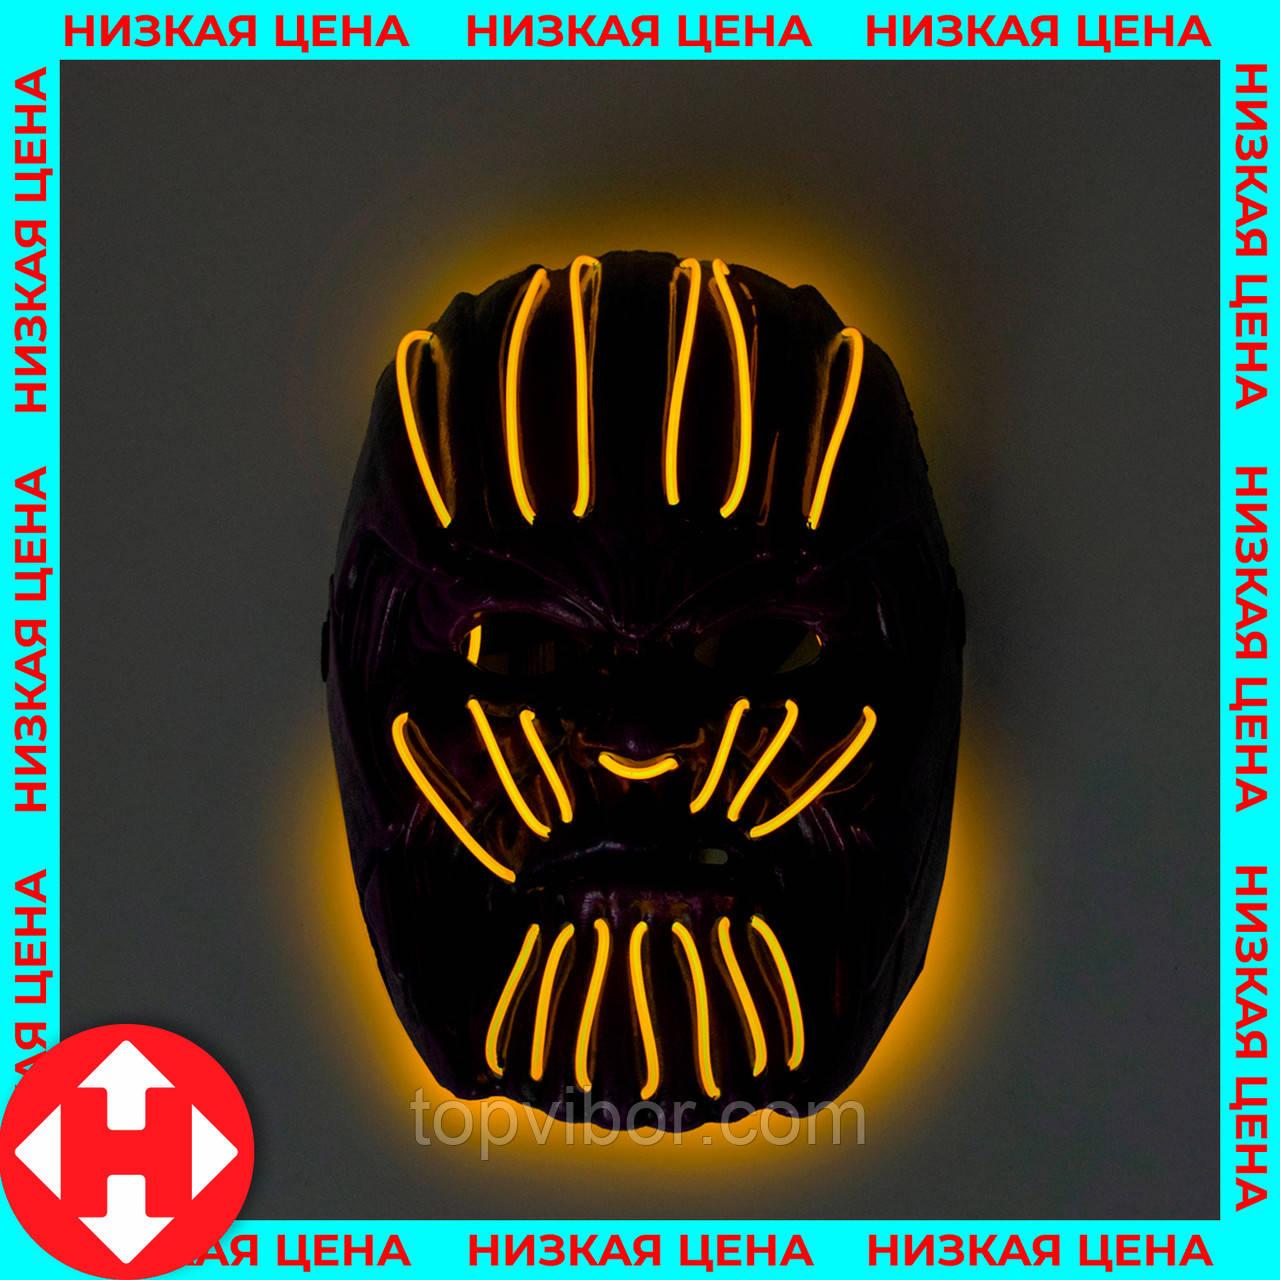 """Распродажа! Детская светодиодная маска злодея на Halloween """"Танос"""" жёлтая, светящаяся карнавальная маска"""